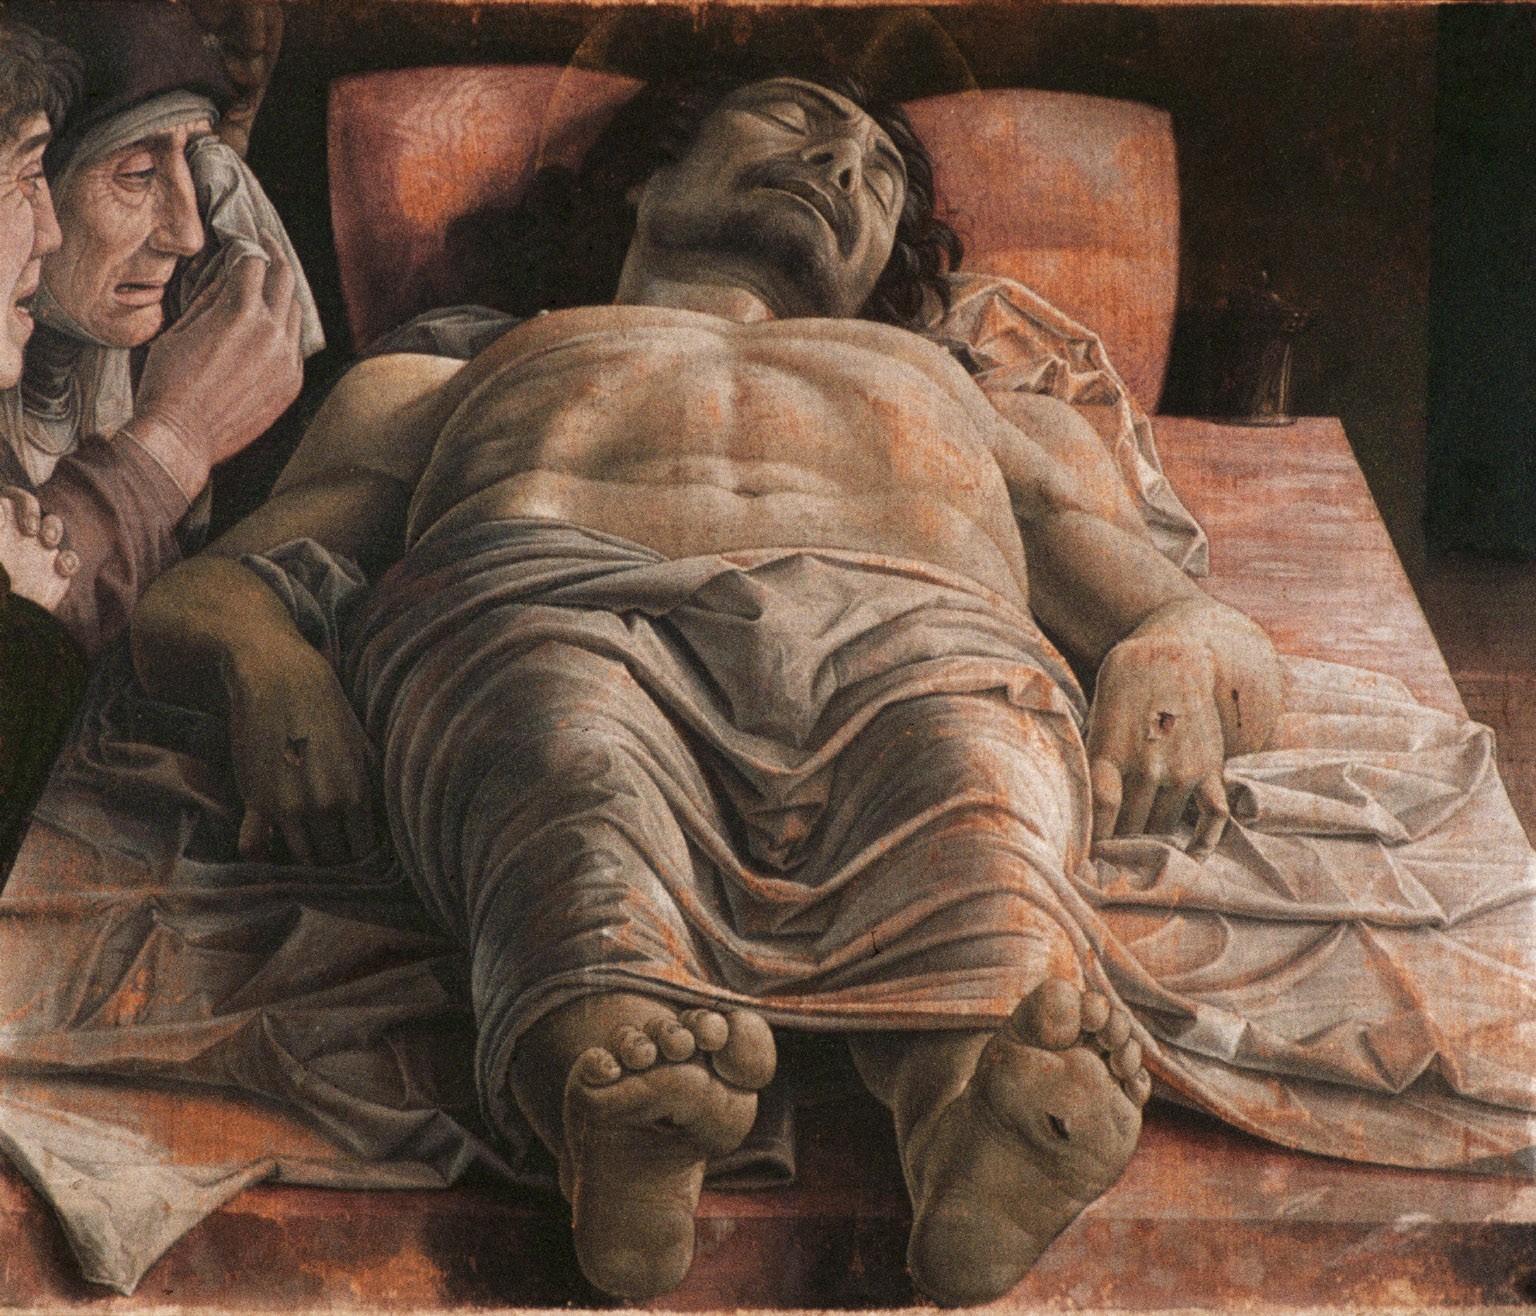 Résultats Google Recherche d'images correspondant à http://files.myopera.com/cg.students/albums/618994/Andrea_Mantegna_-_The_Dead_Christ.jpg